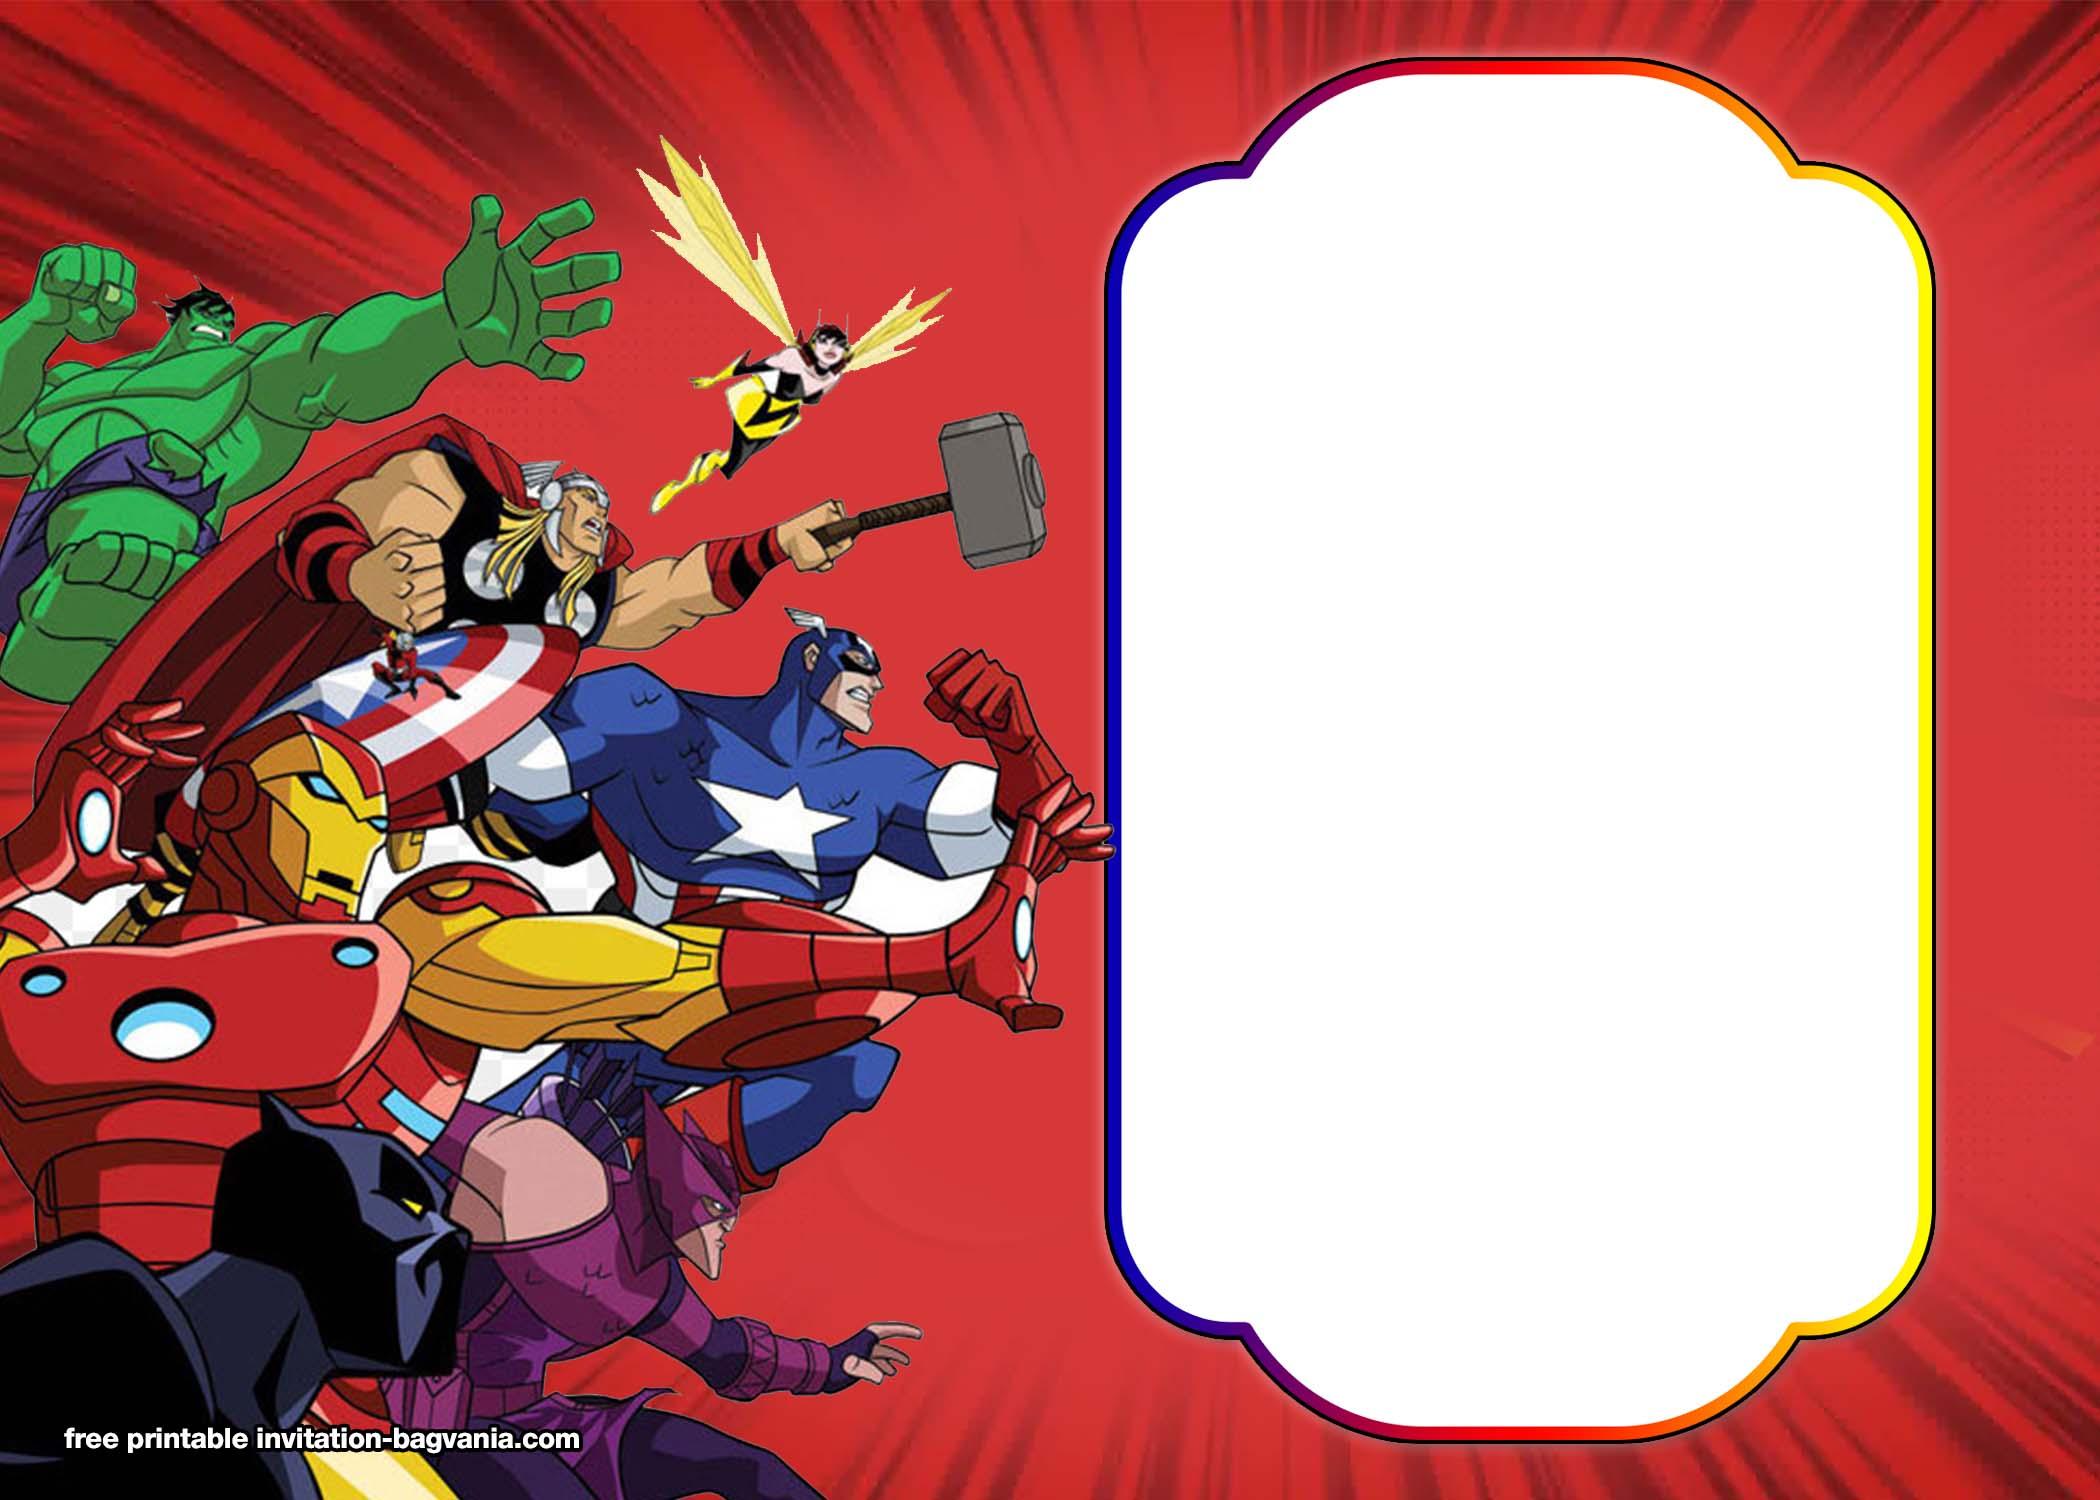 003 Beautiful Editable Superhero Invitation Template Free Image Full